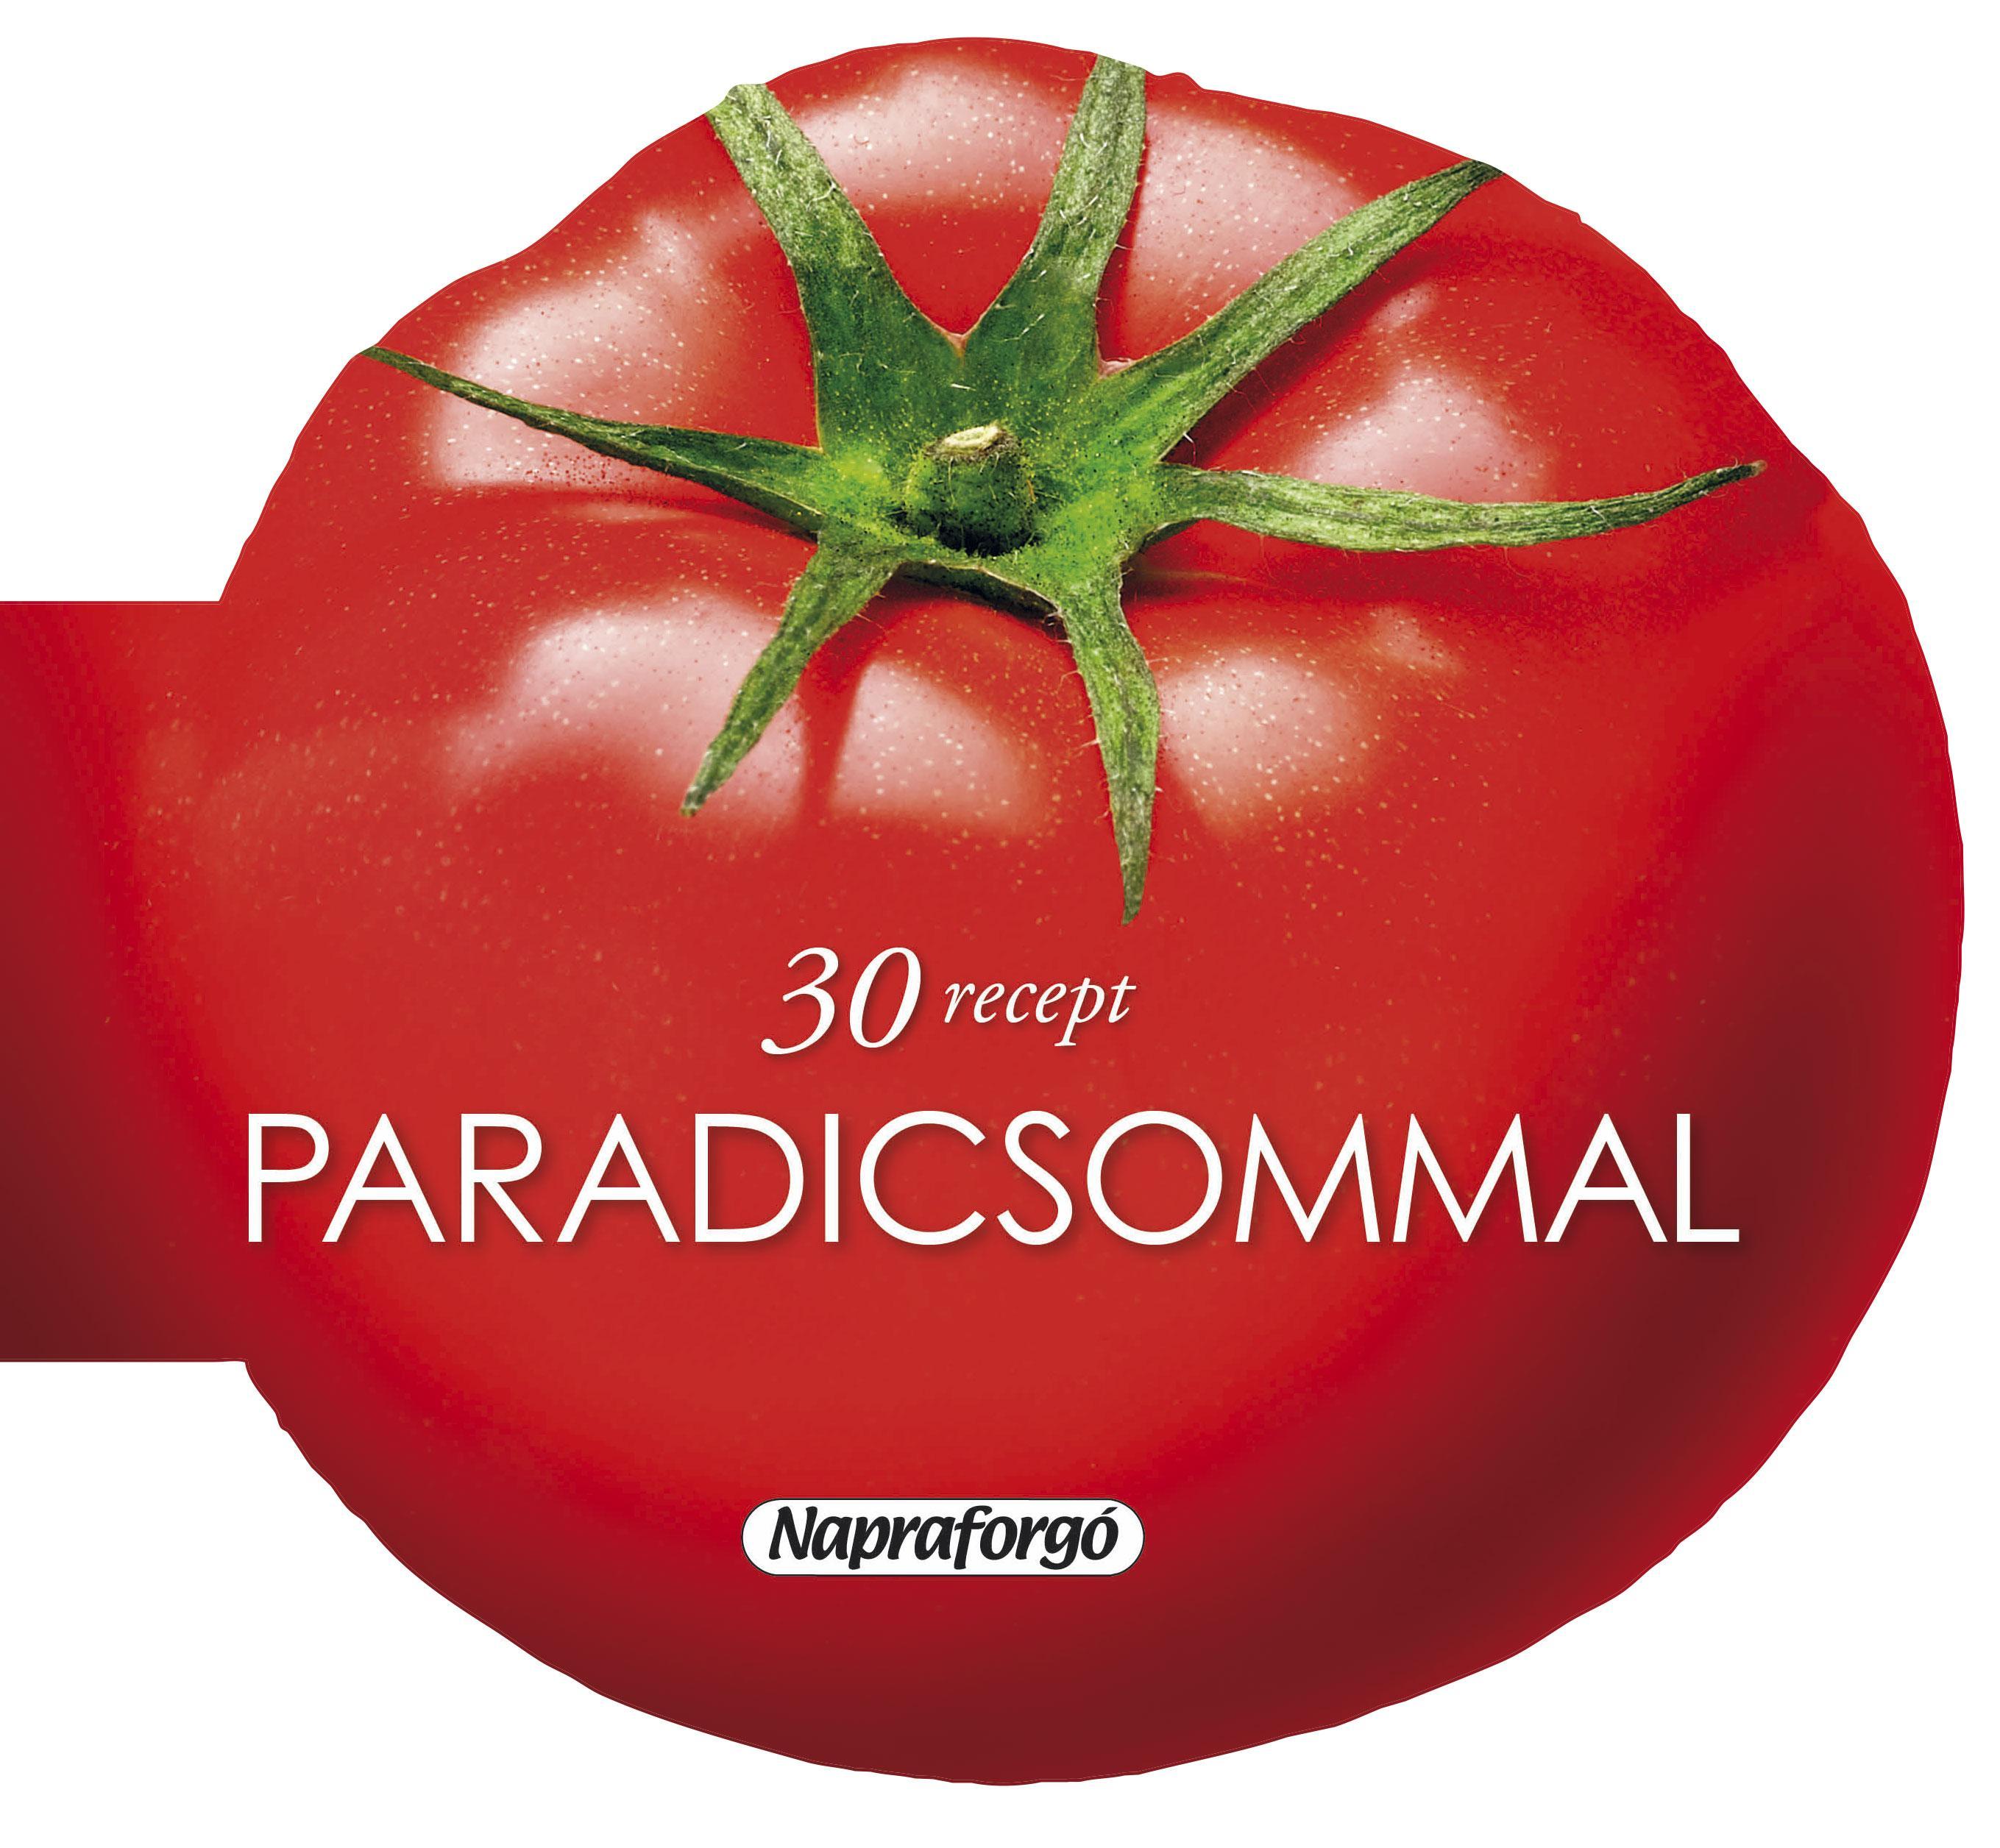 30 RECEPT PARADICSOMMAL